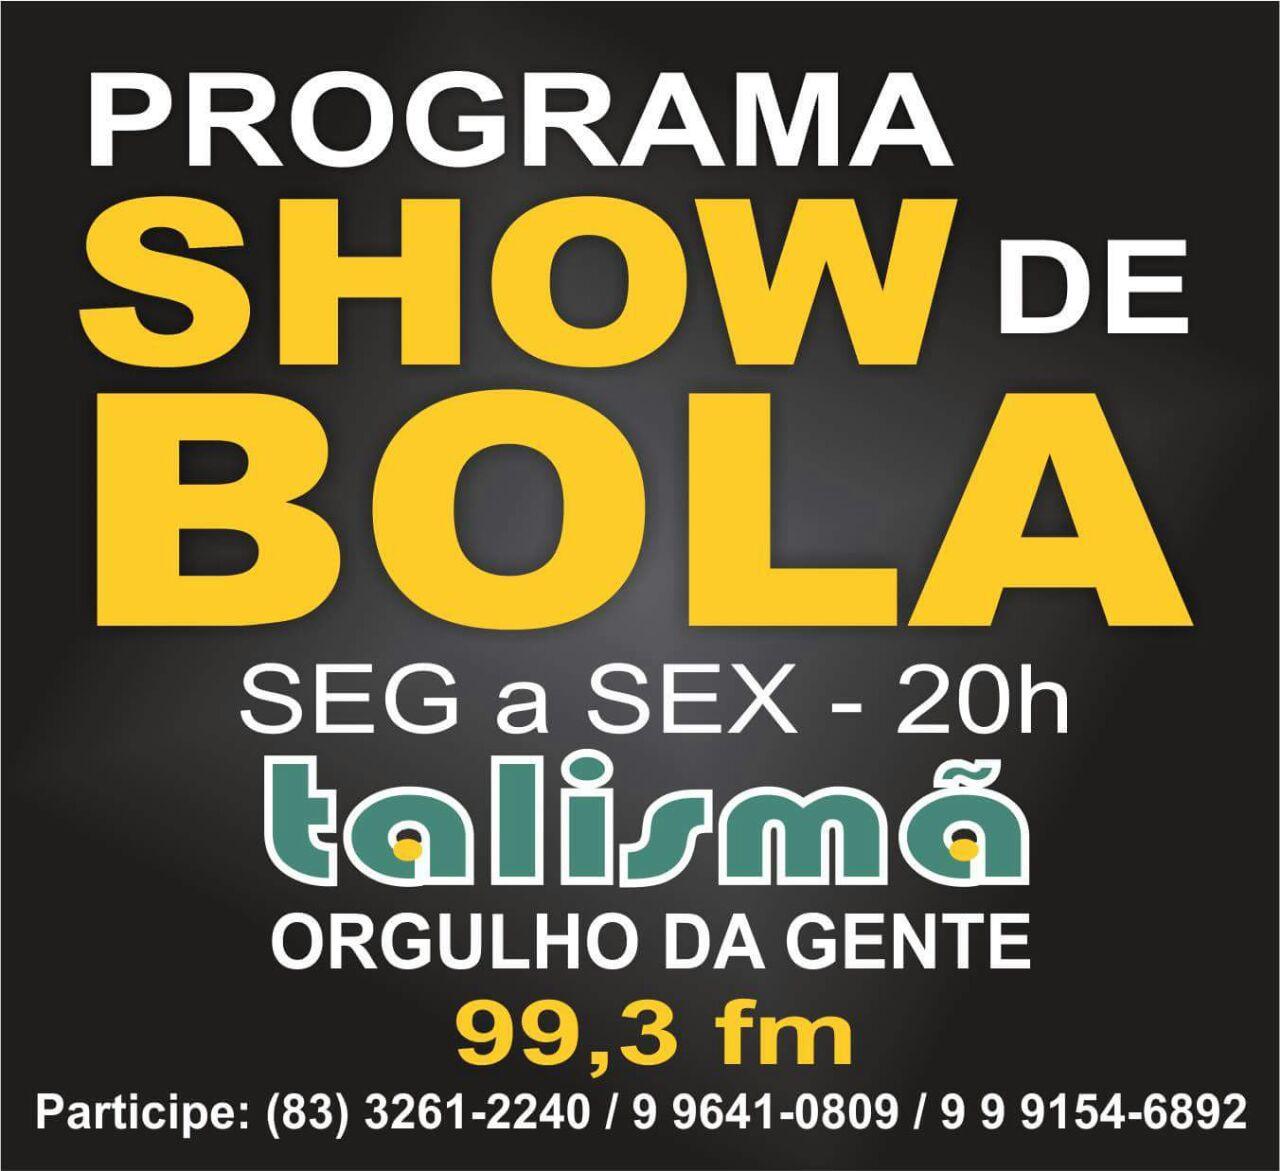 PROGRAMA SHOW DE BOLA - TALISMÃ FM - ORGULHO DA GENTE 99,3 FM